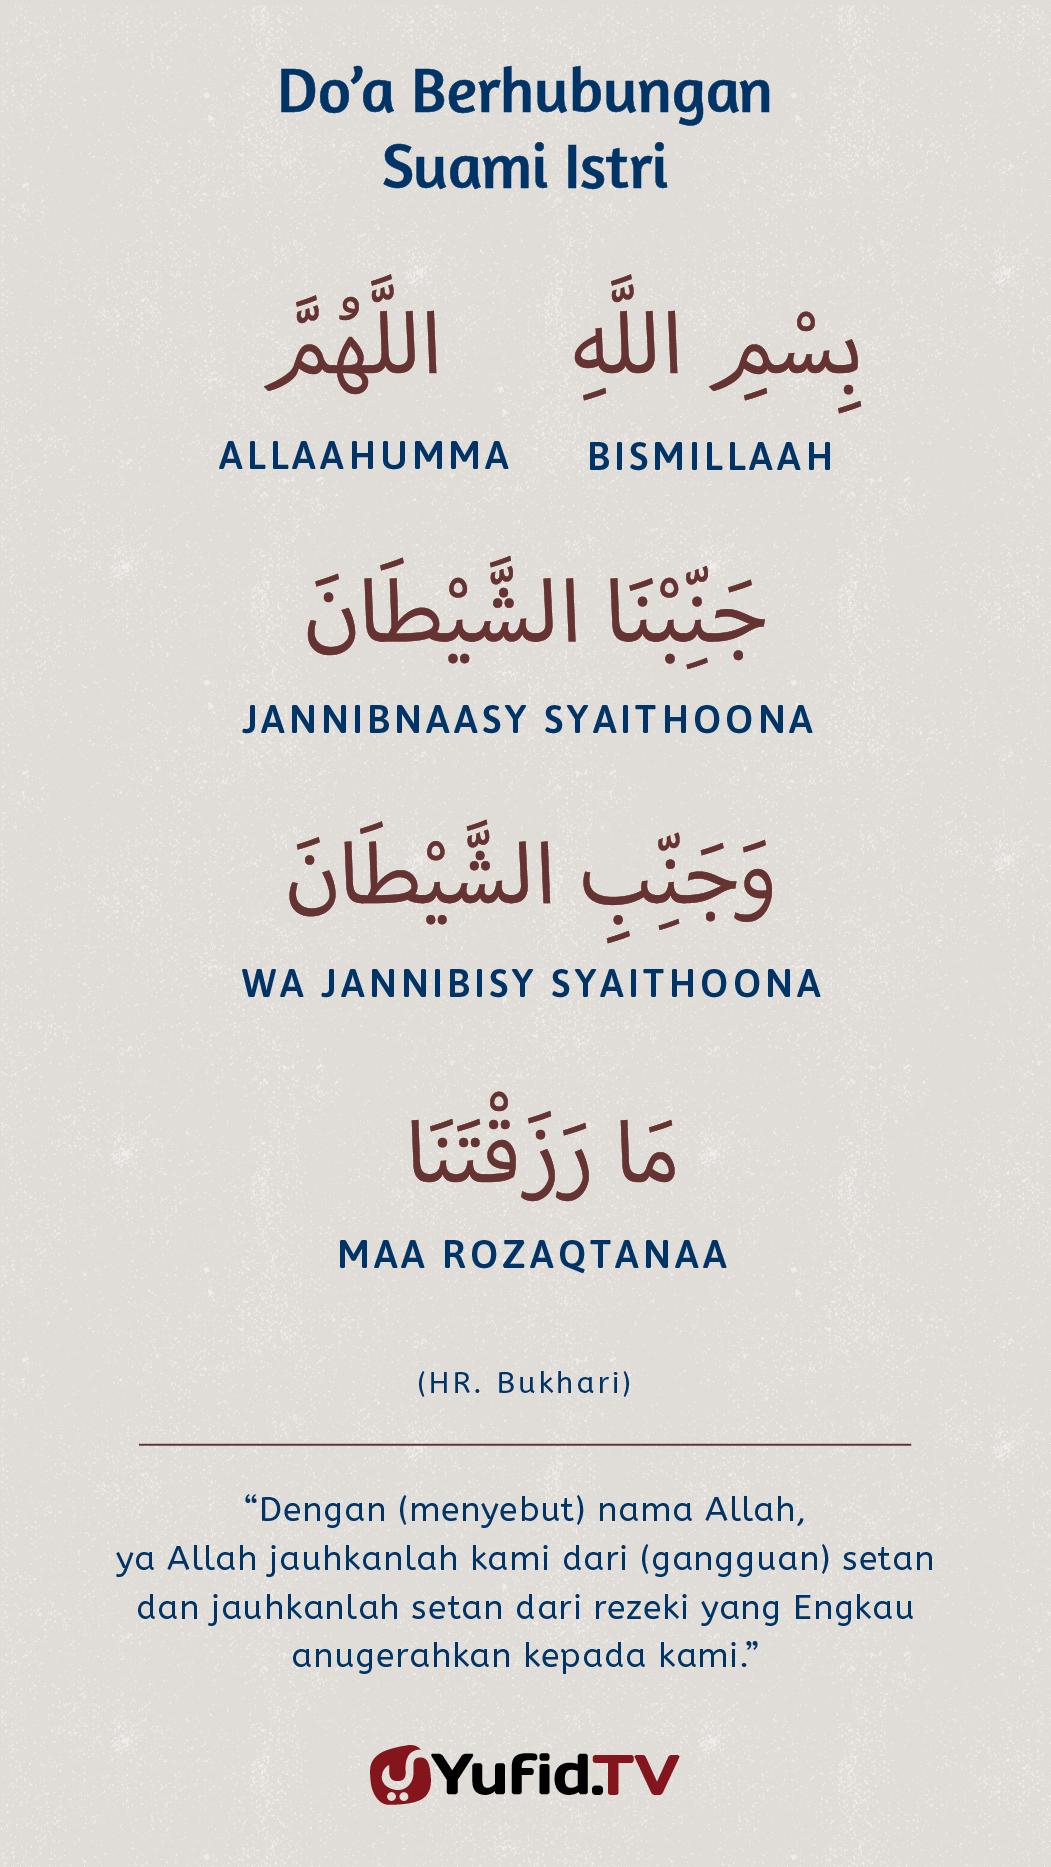 bacaan doa sebelum berhubungan suami istri